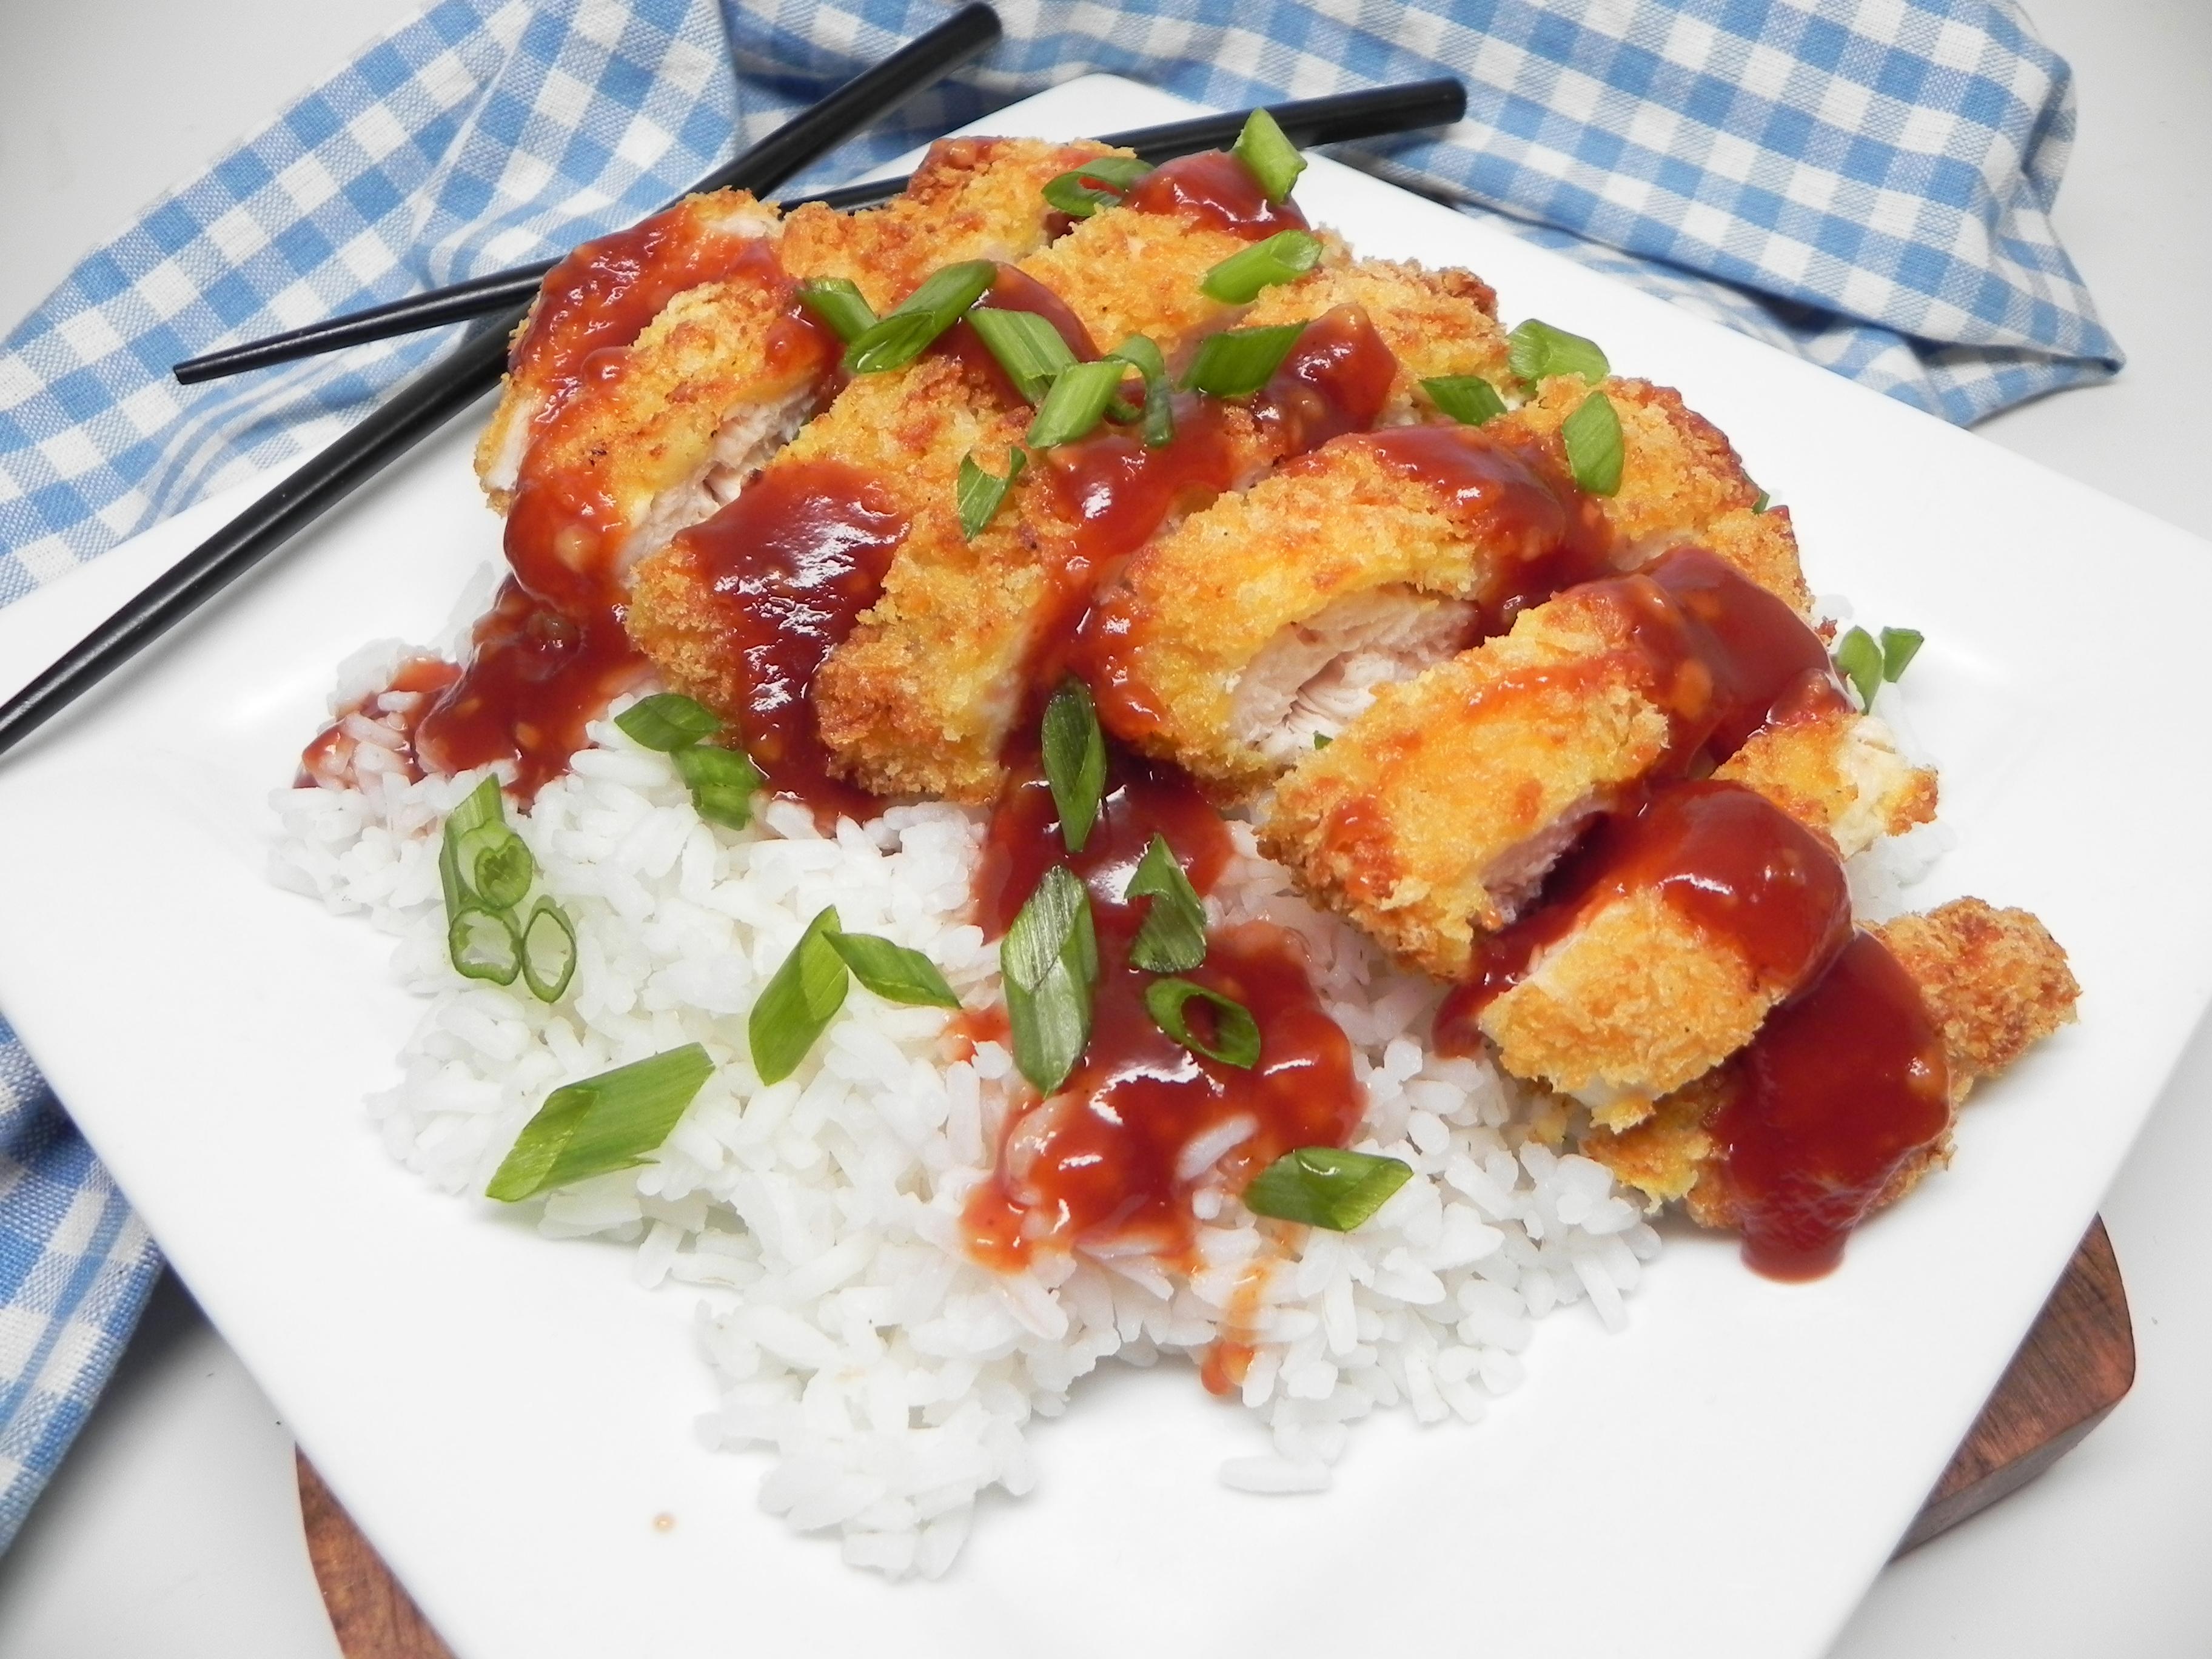 Air Fryer Chicken Katsu with Homemade Katsu Sauce